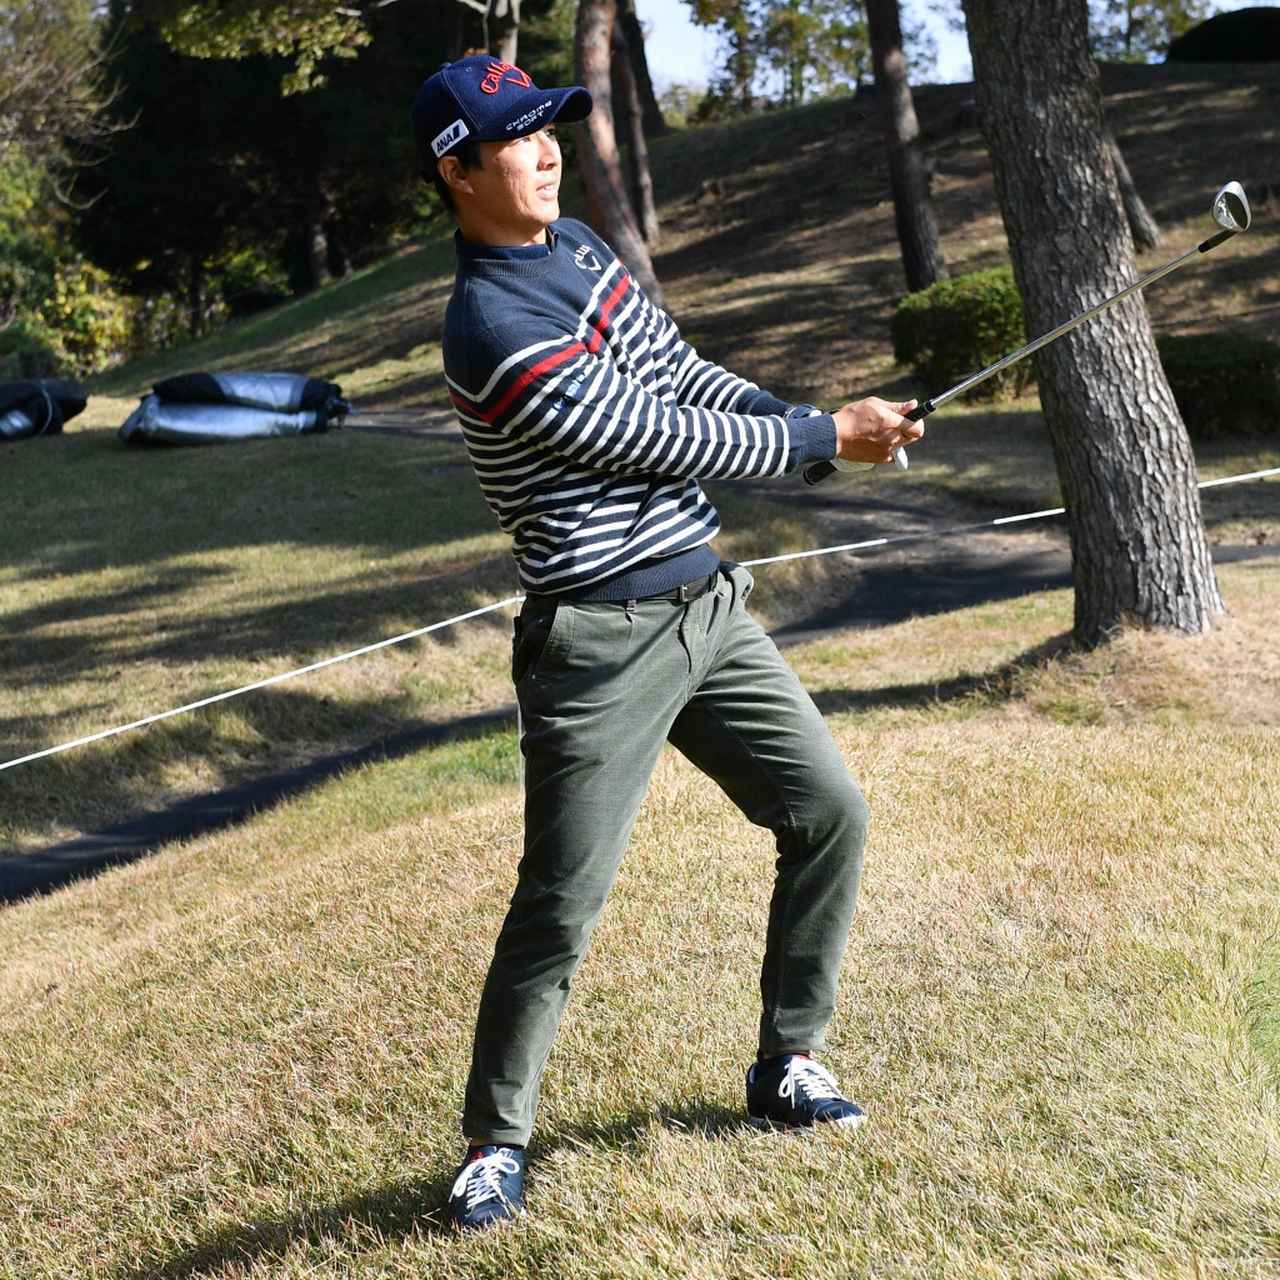 画像40: 【アプローチ】「僕はこの1本のマックダディで寄せていく」 石川遼、15のワザを持つ男